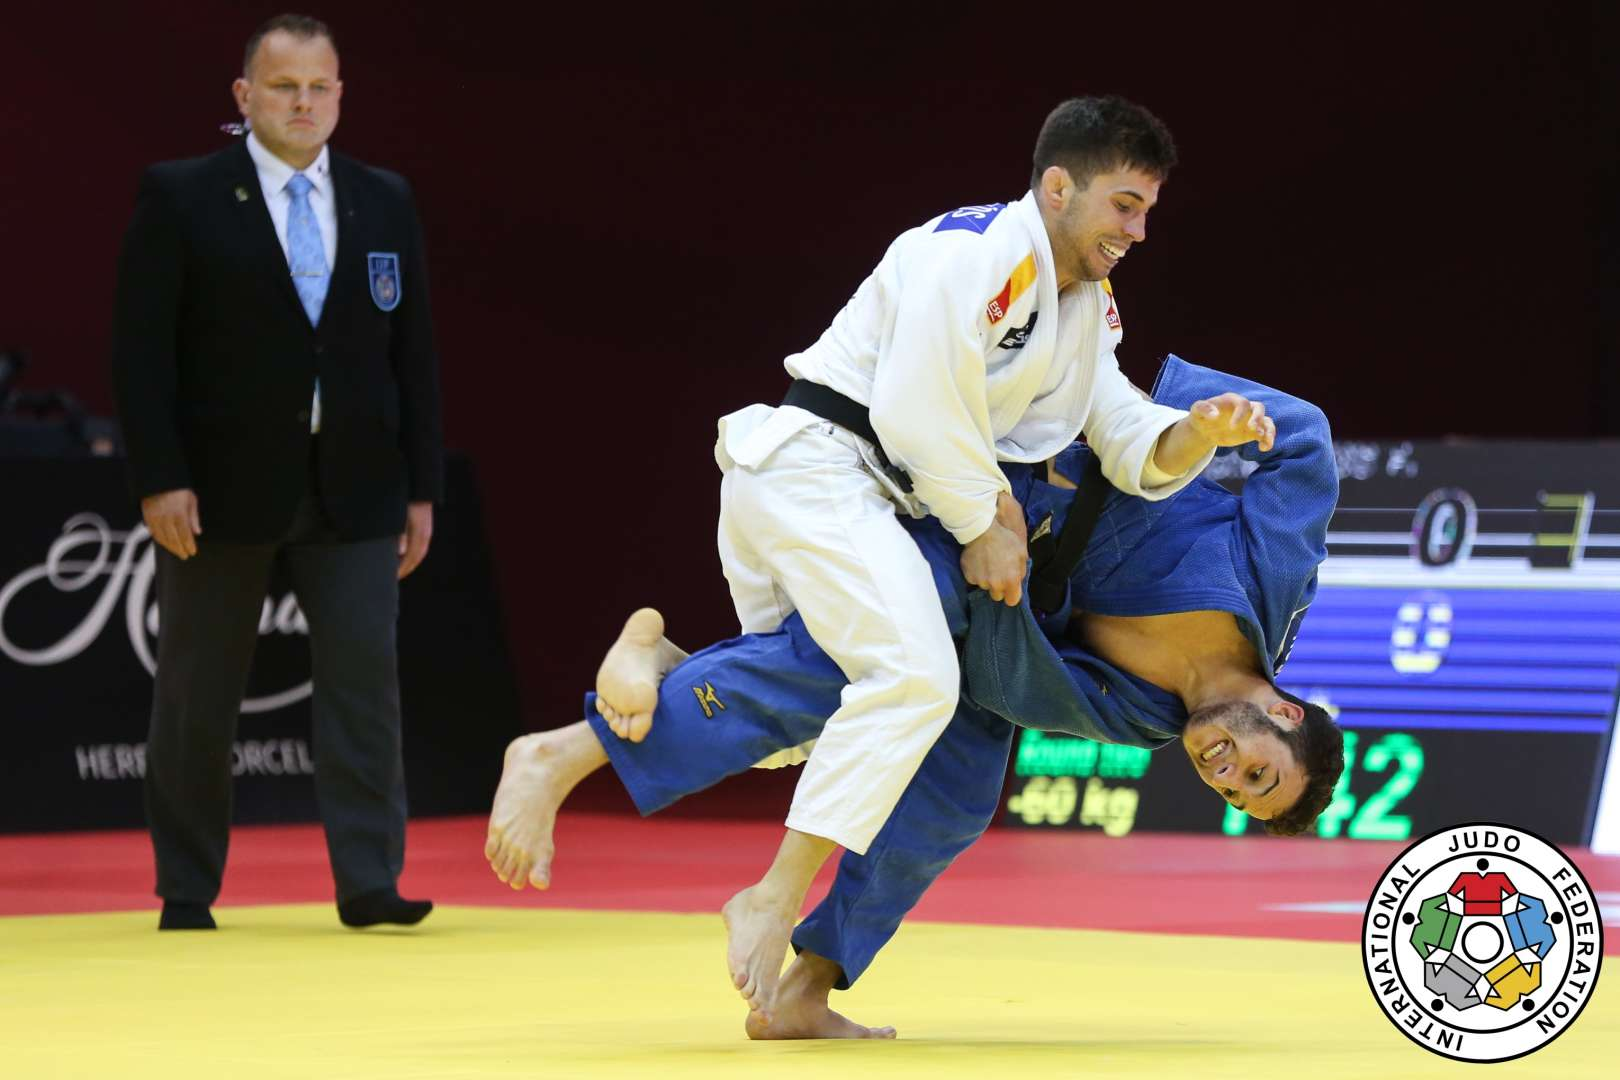 El Grand Slam de París, próxima parada de nuestros judokas en su camino a Tokio